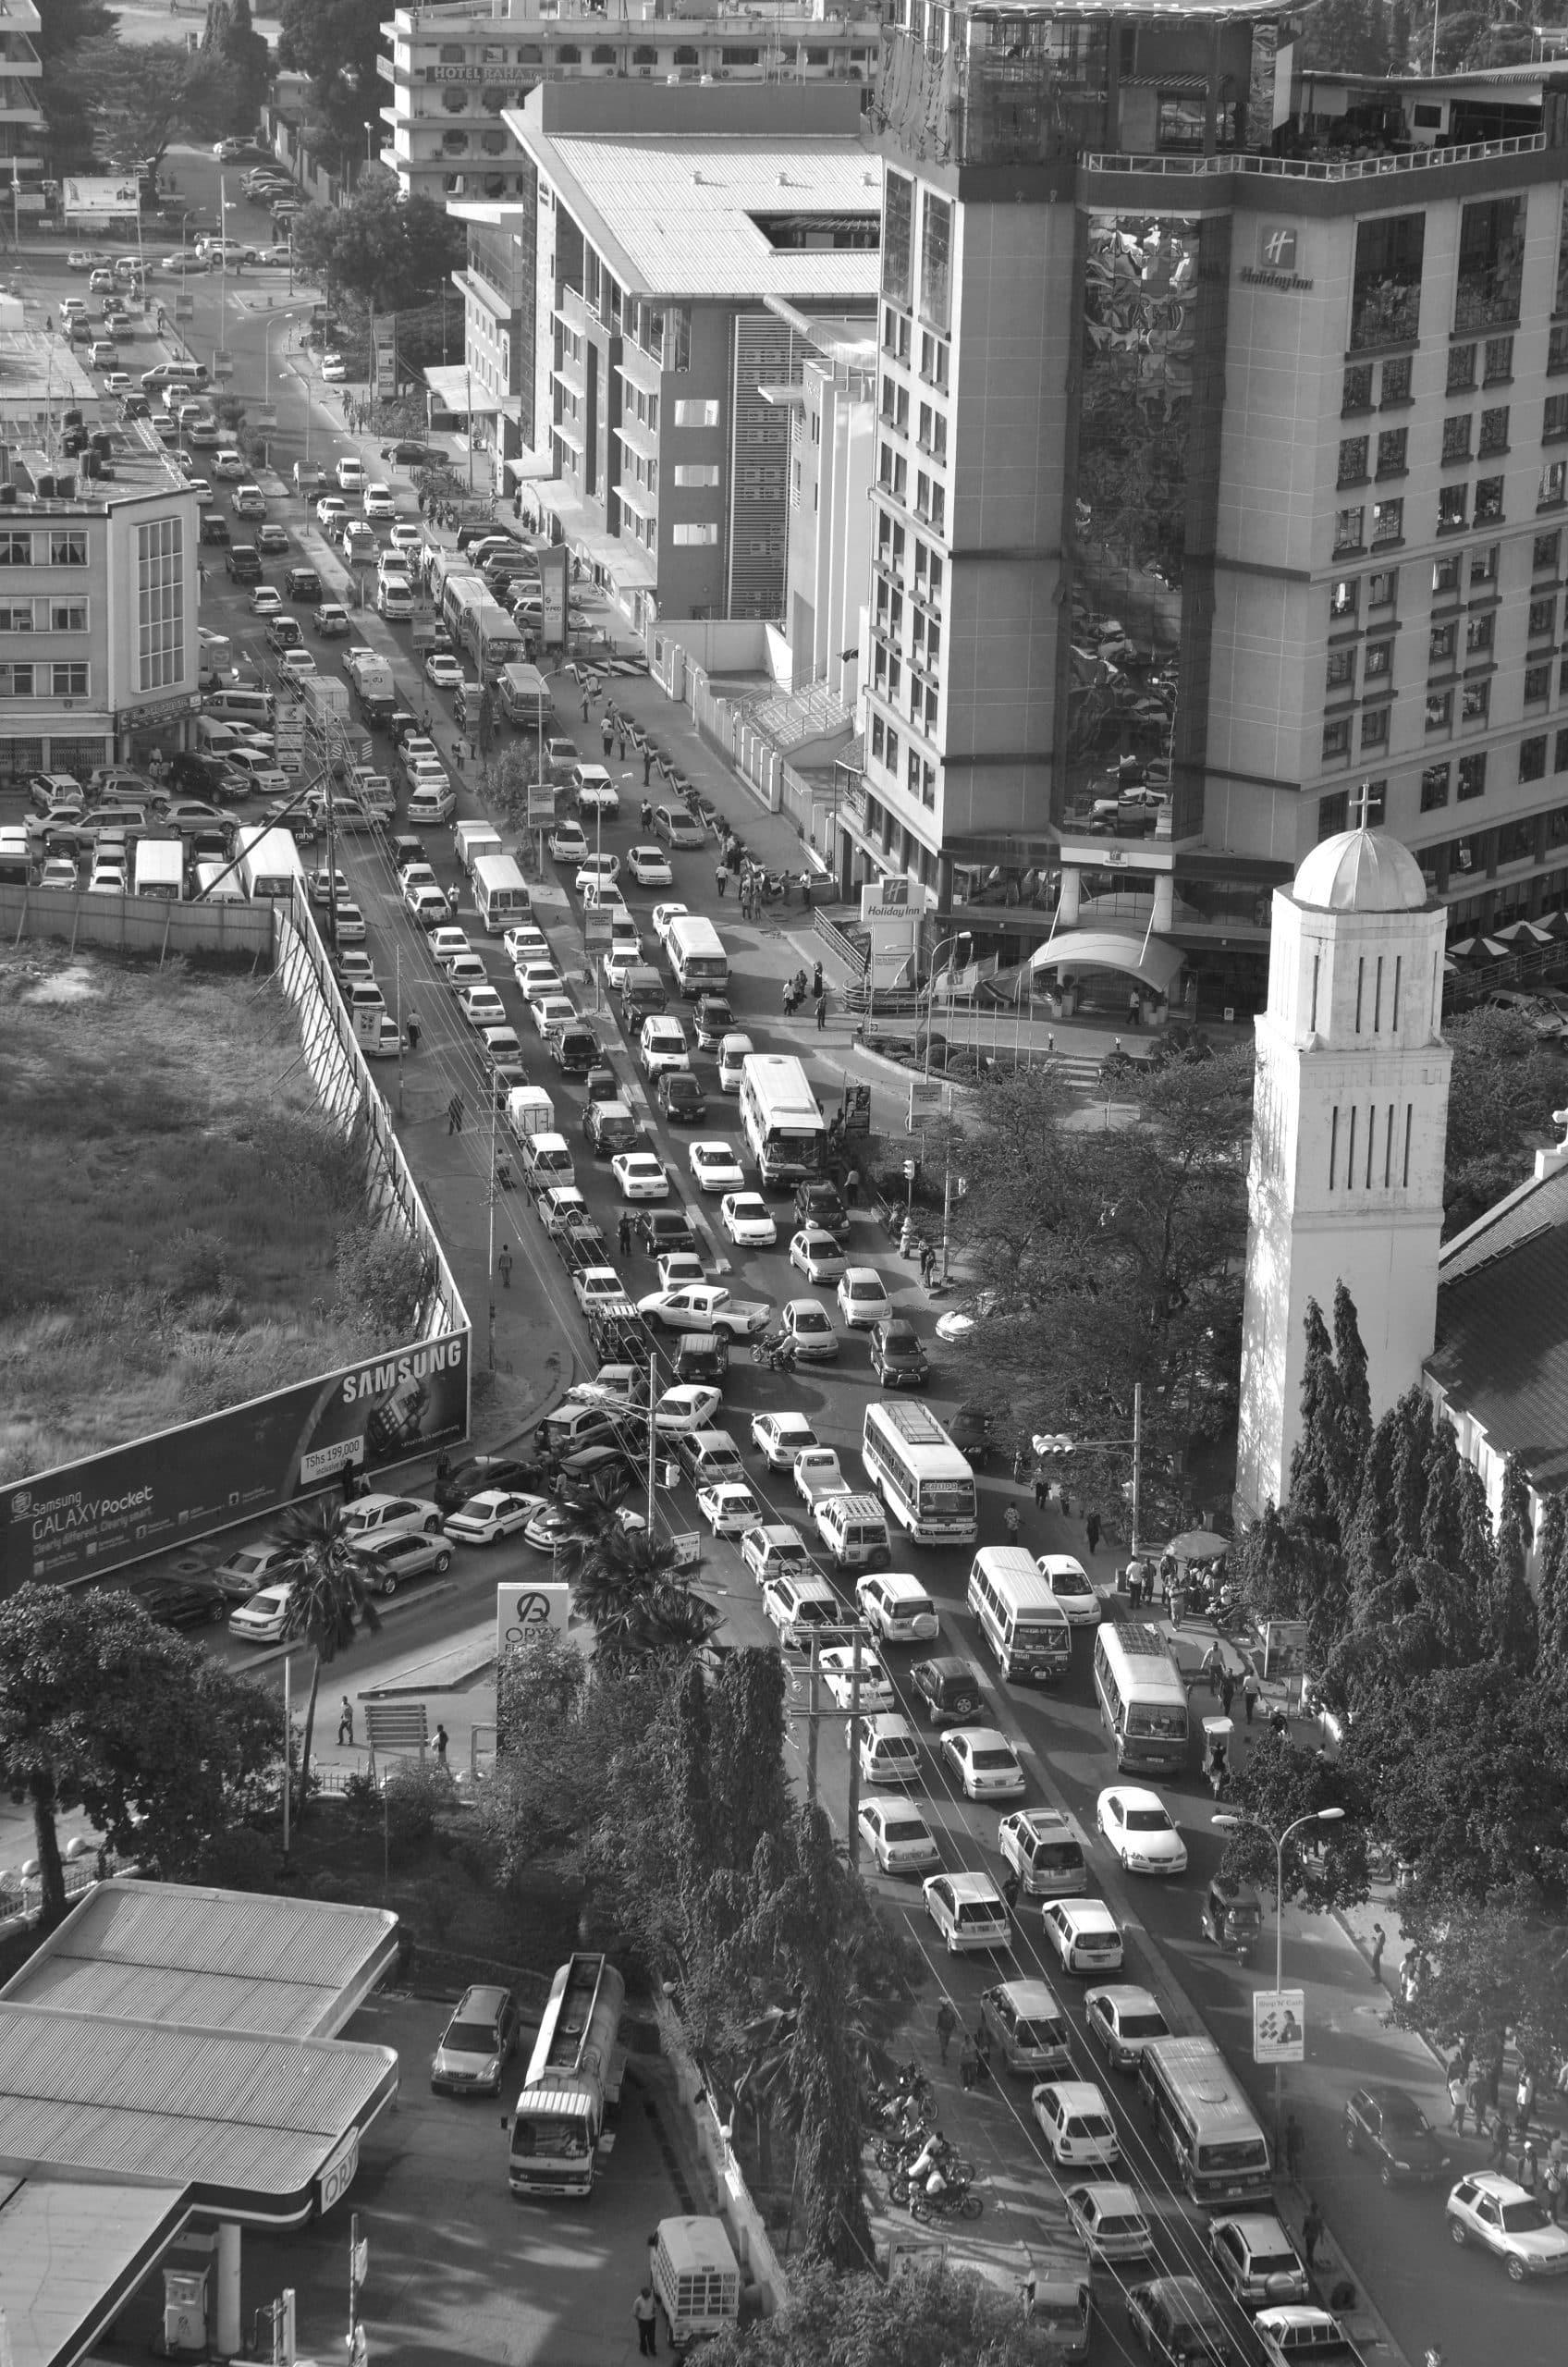 Traffic congestion in Dar es salaam